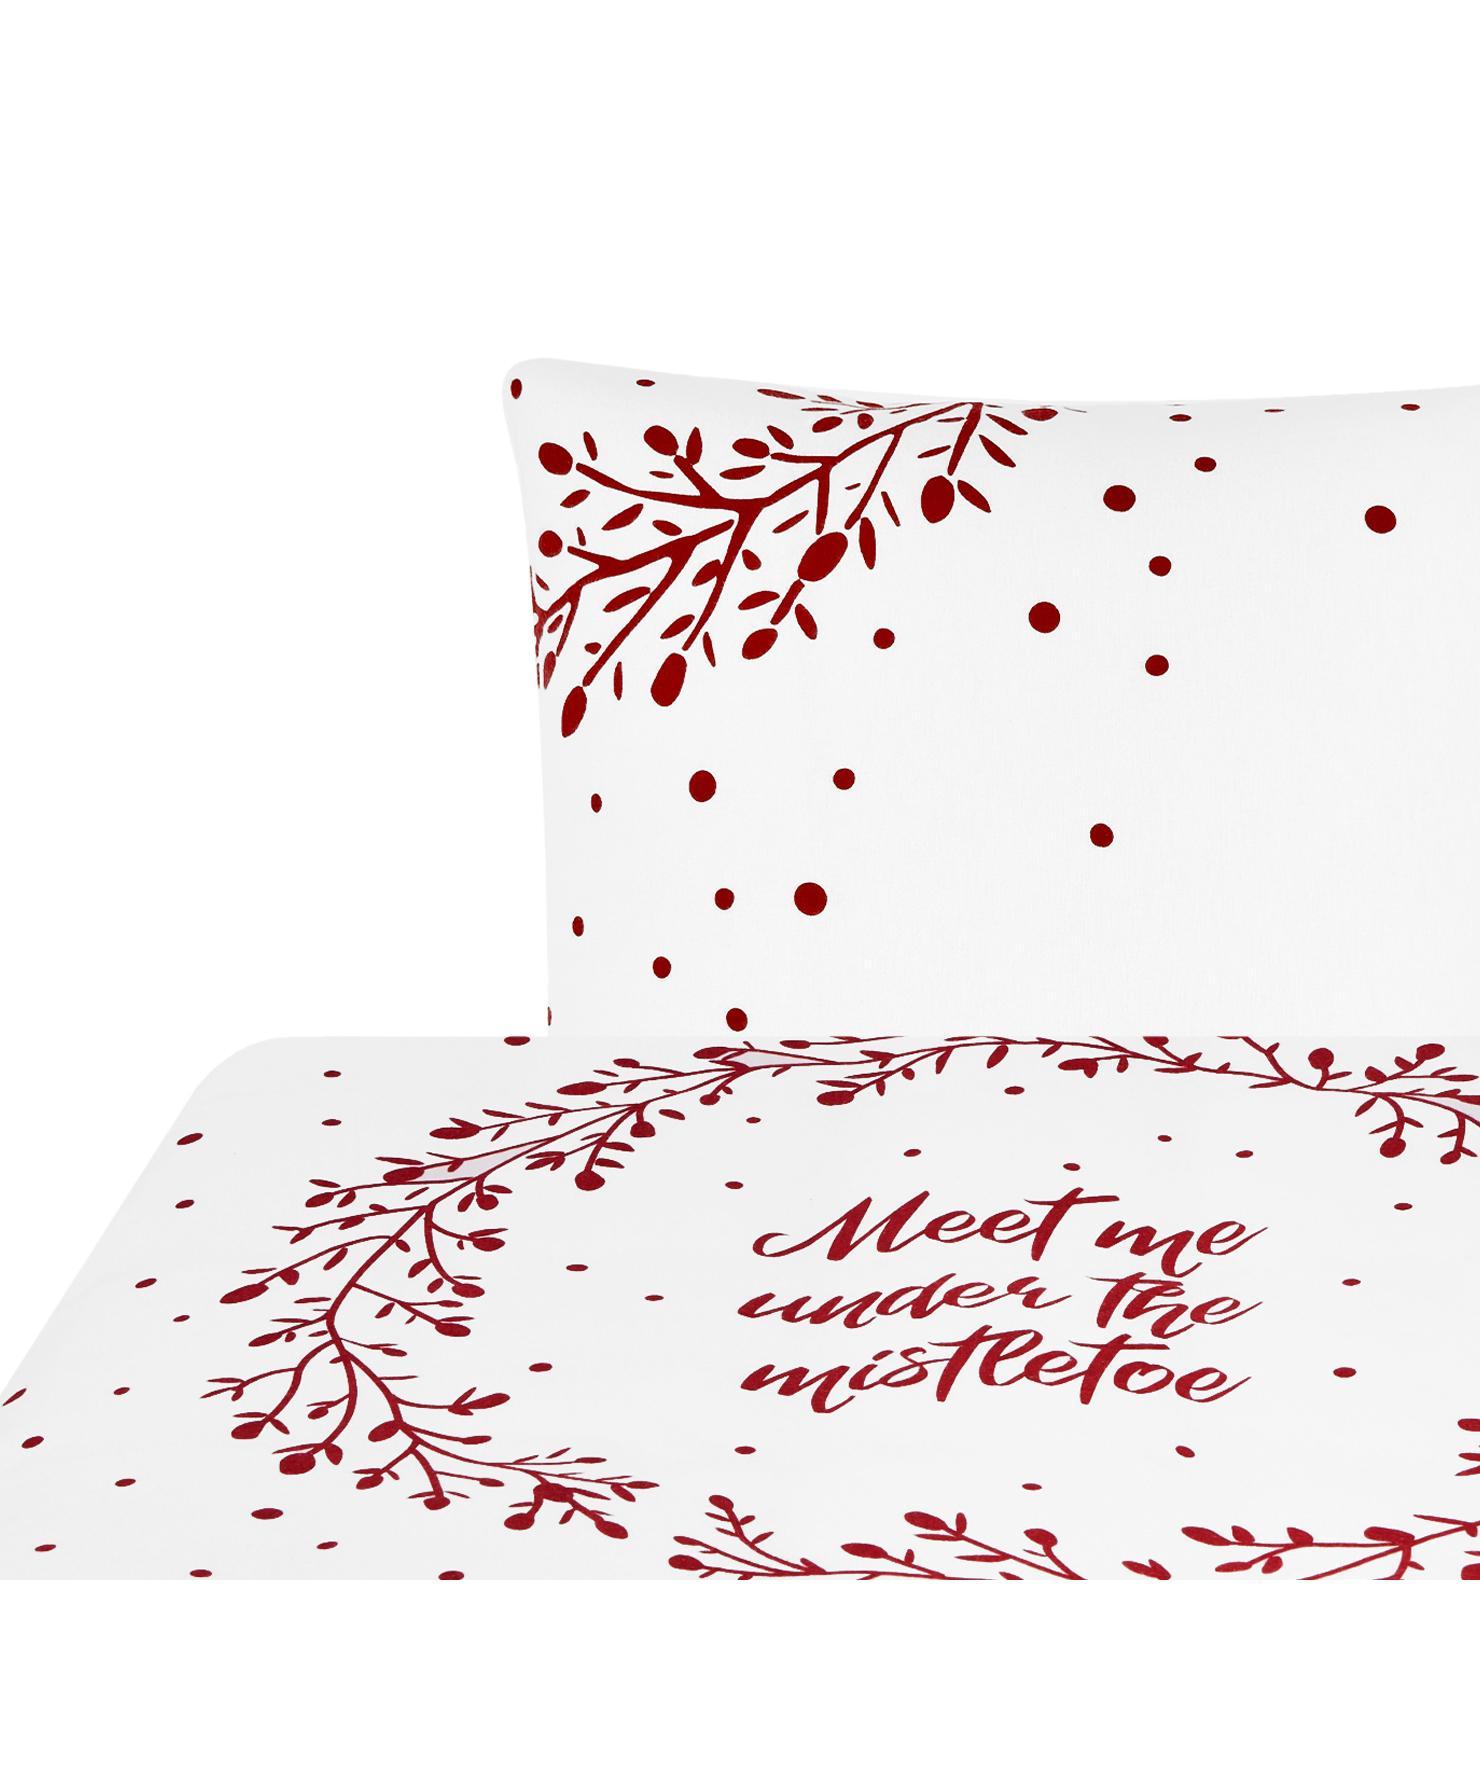 Flanell-Bettwäsche Mistletoe in Weiß/Rot, Webart: Flanell Flanell ist ein s, Weiß, Rot, 155 x 220 cm + 1 Kissen 80 x 80 cm